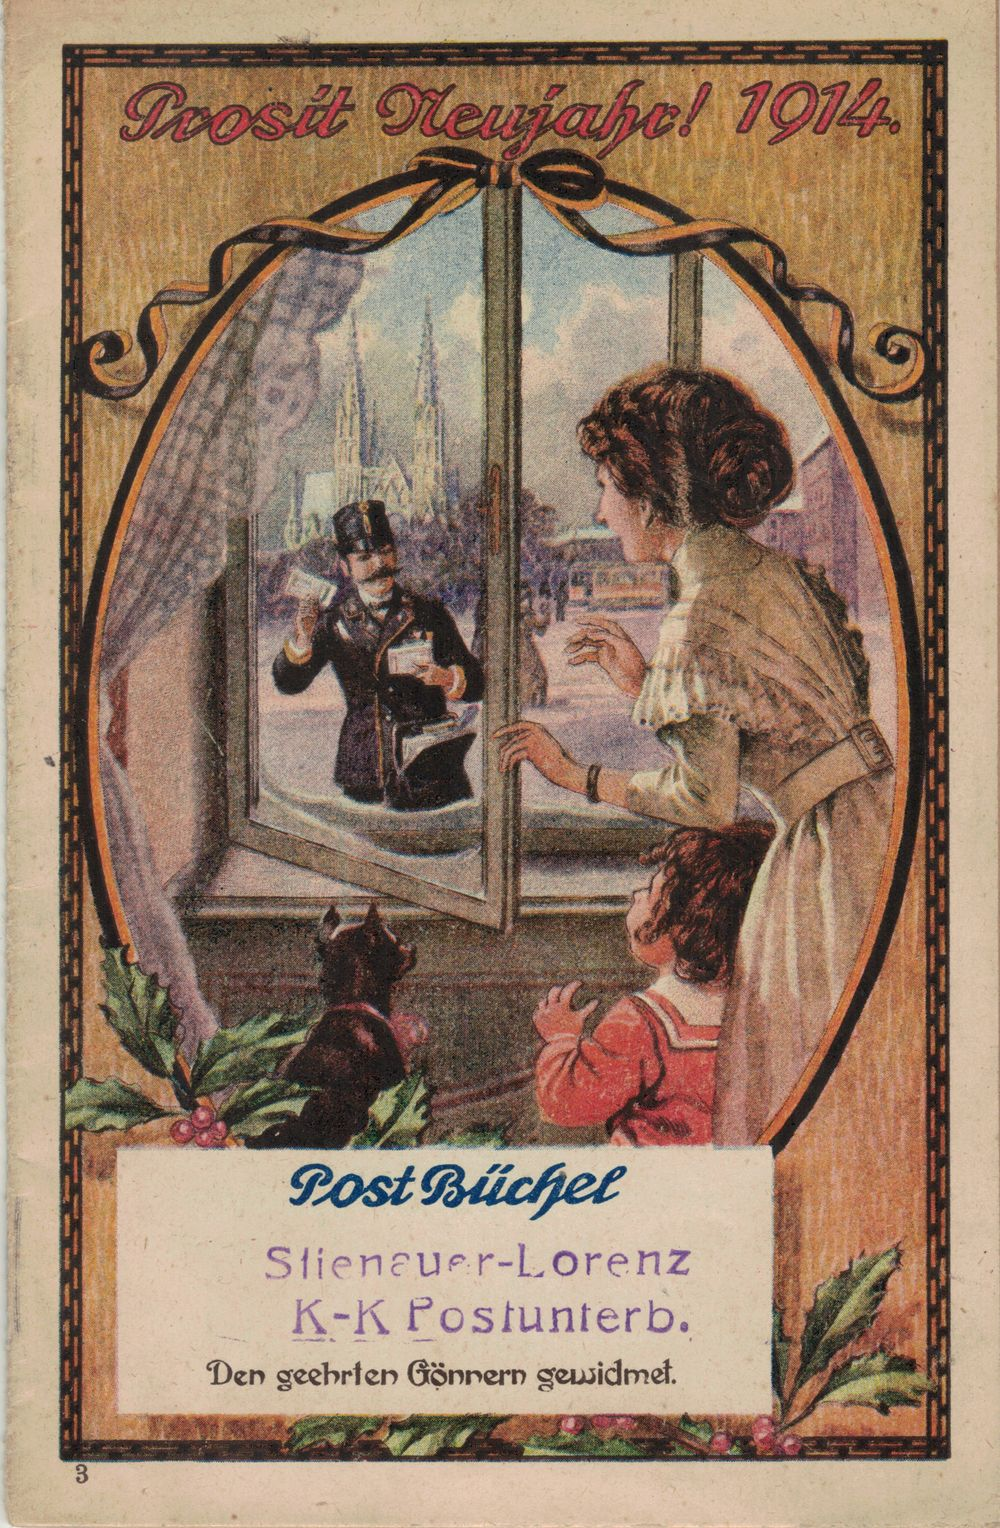 Postbüchl - Das kleine Postbuch 191410